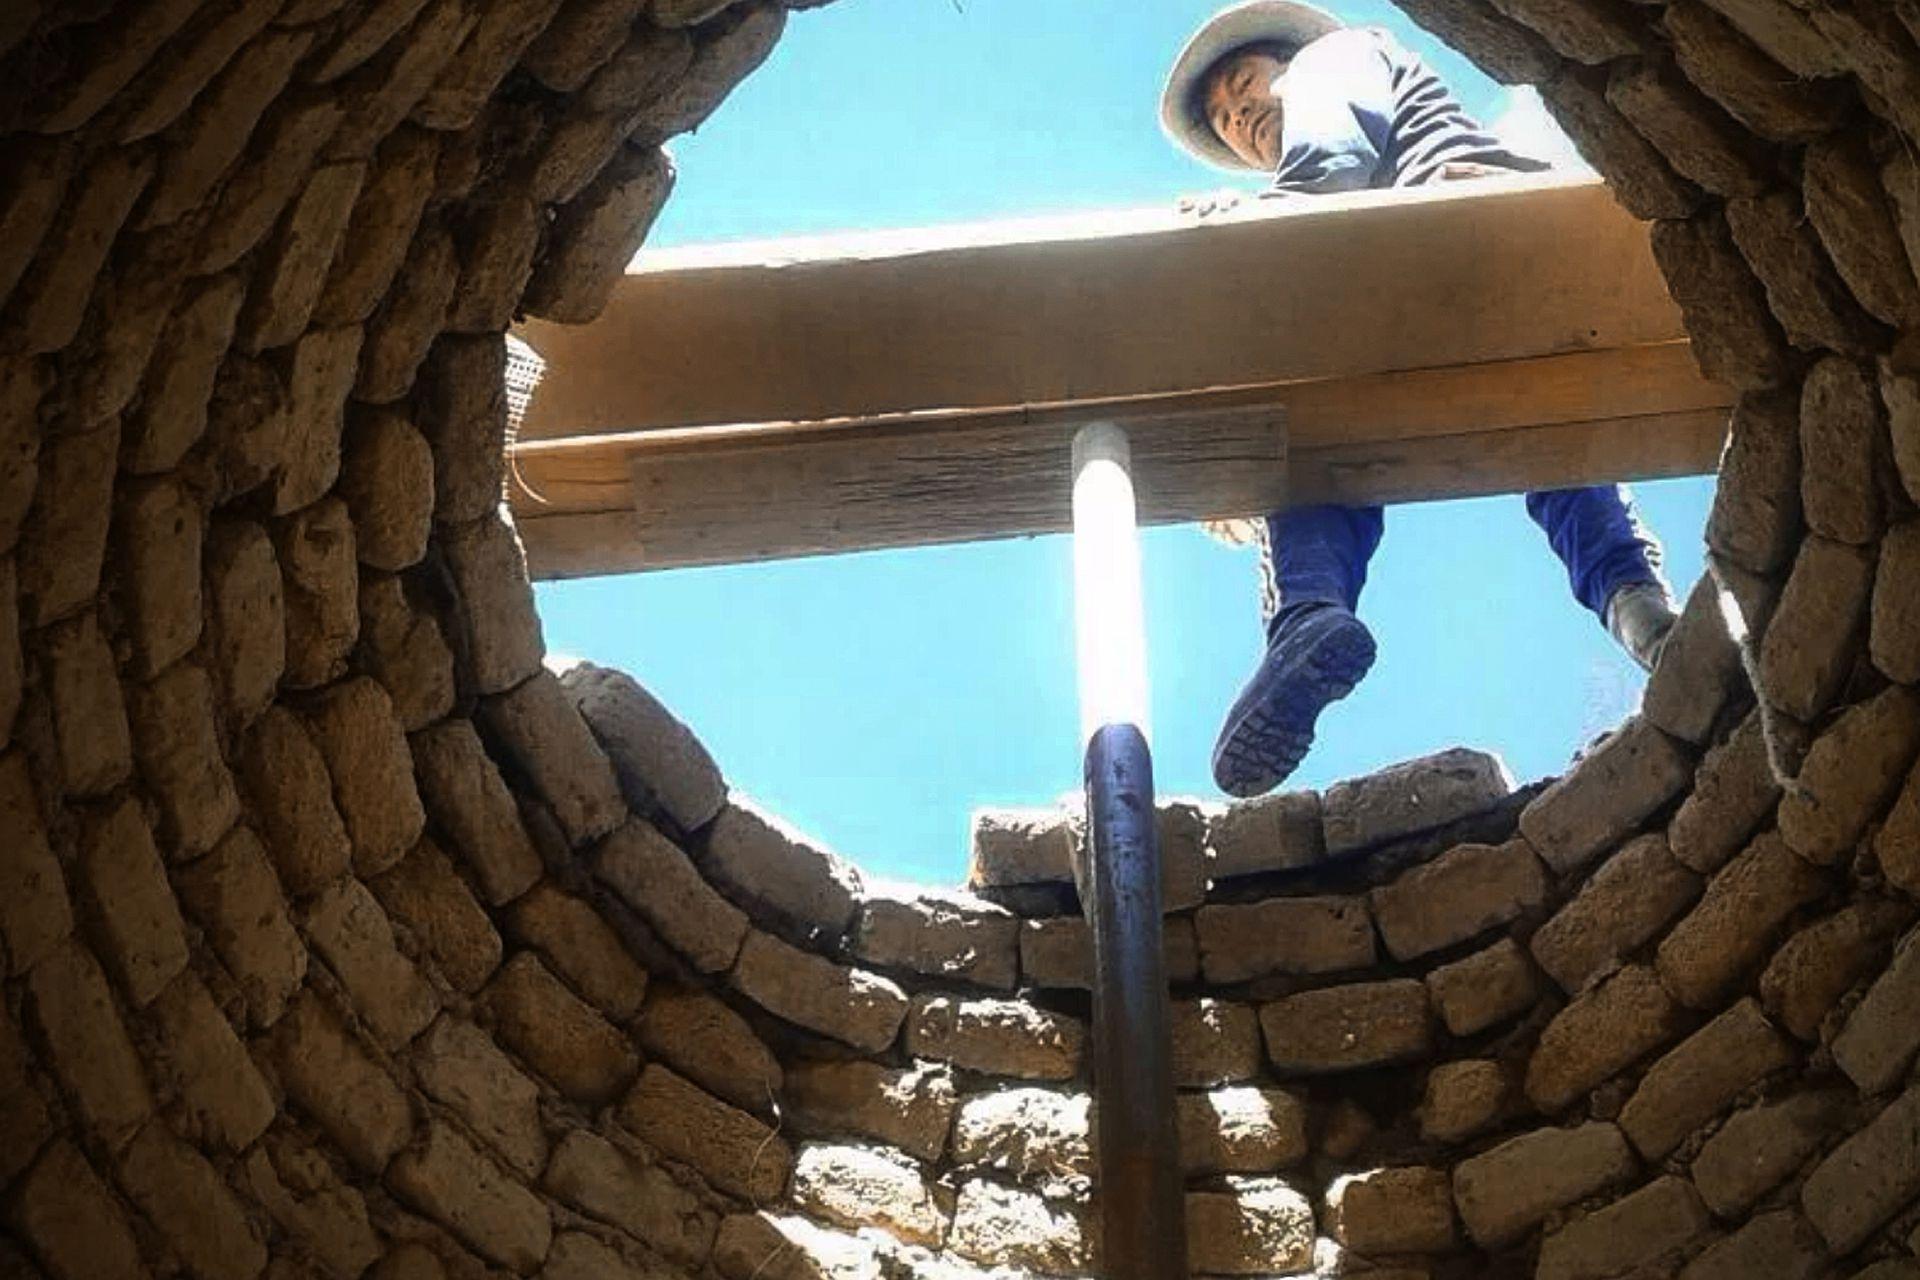 Parte de la construcción de un albergue para estudiantes de un colegio secundario de alta montaña en Jujuy